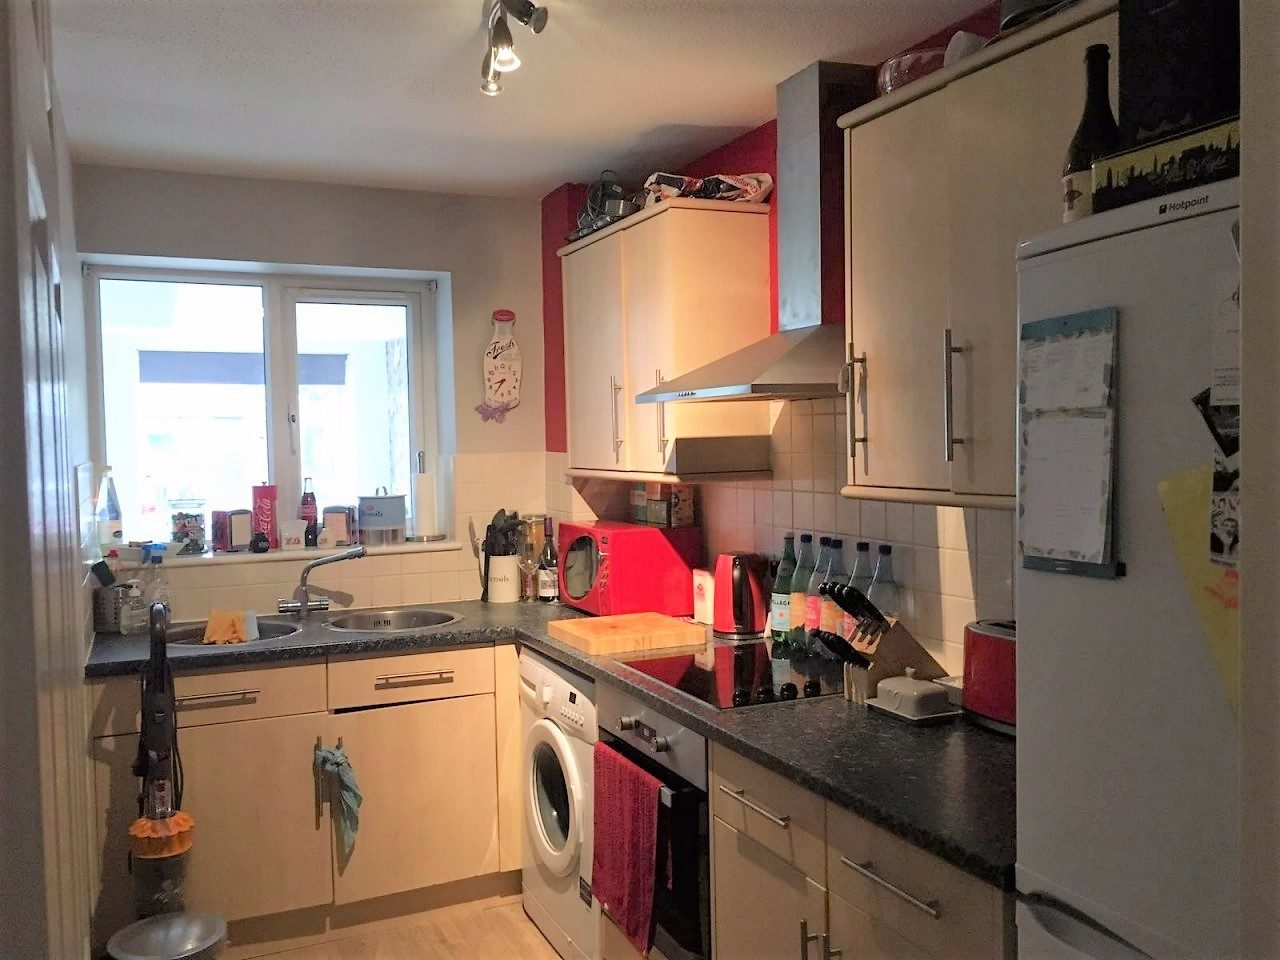 2 Bedroom Ground Floor Flat To Rent